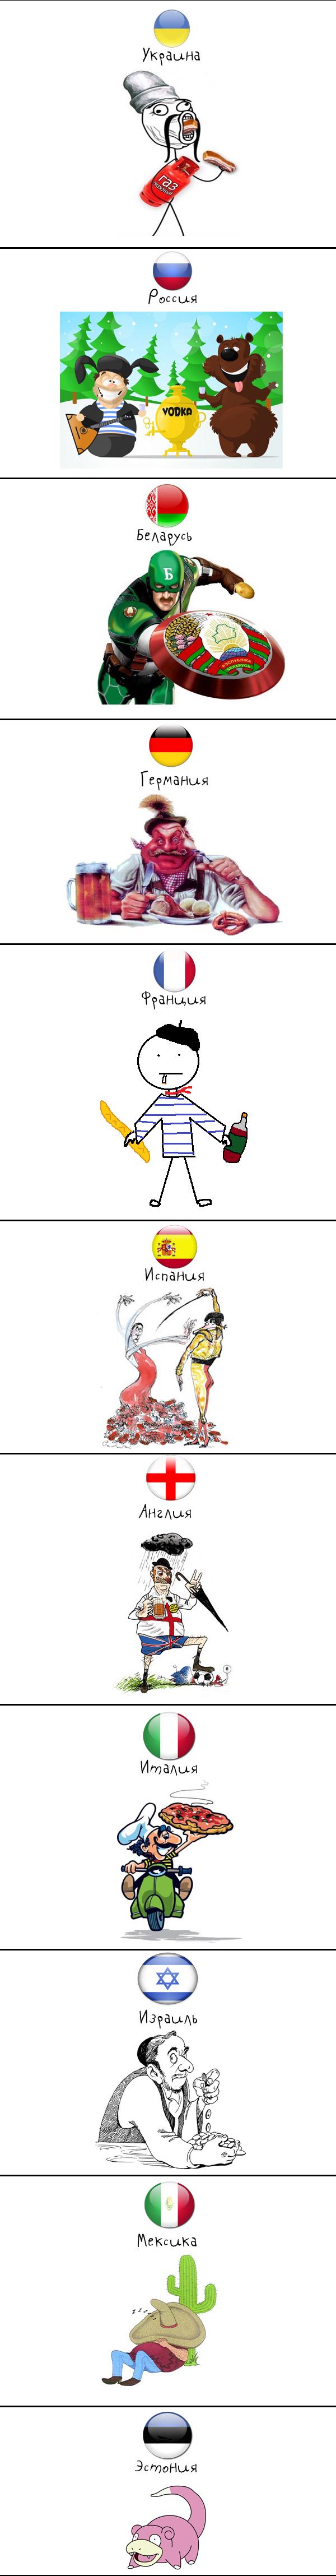 1368982180 1070407777 - Флаги стран мира в HD! Цвета, значение и символика флагов - Стереотипы о странах и народах, часть 2